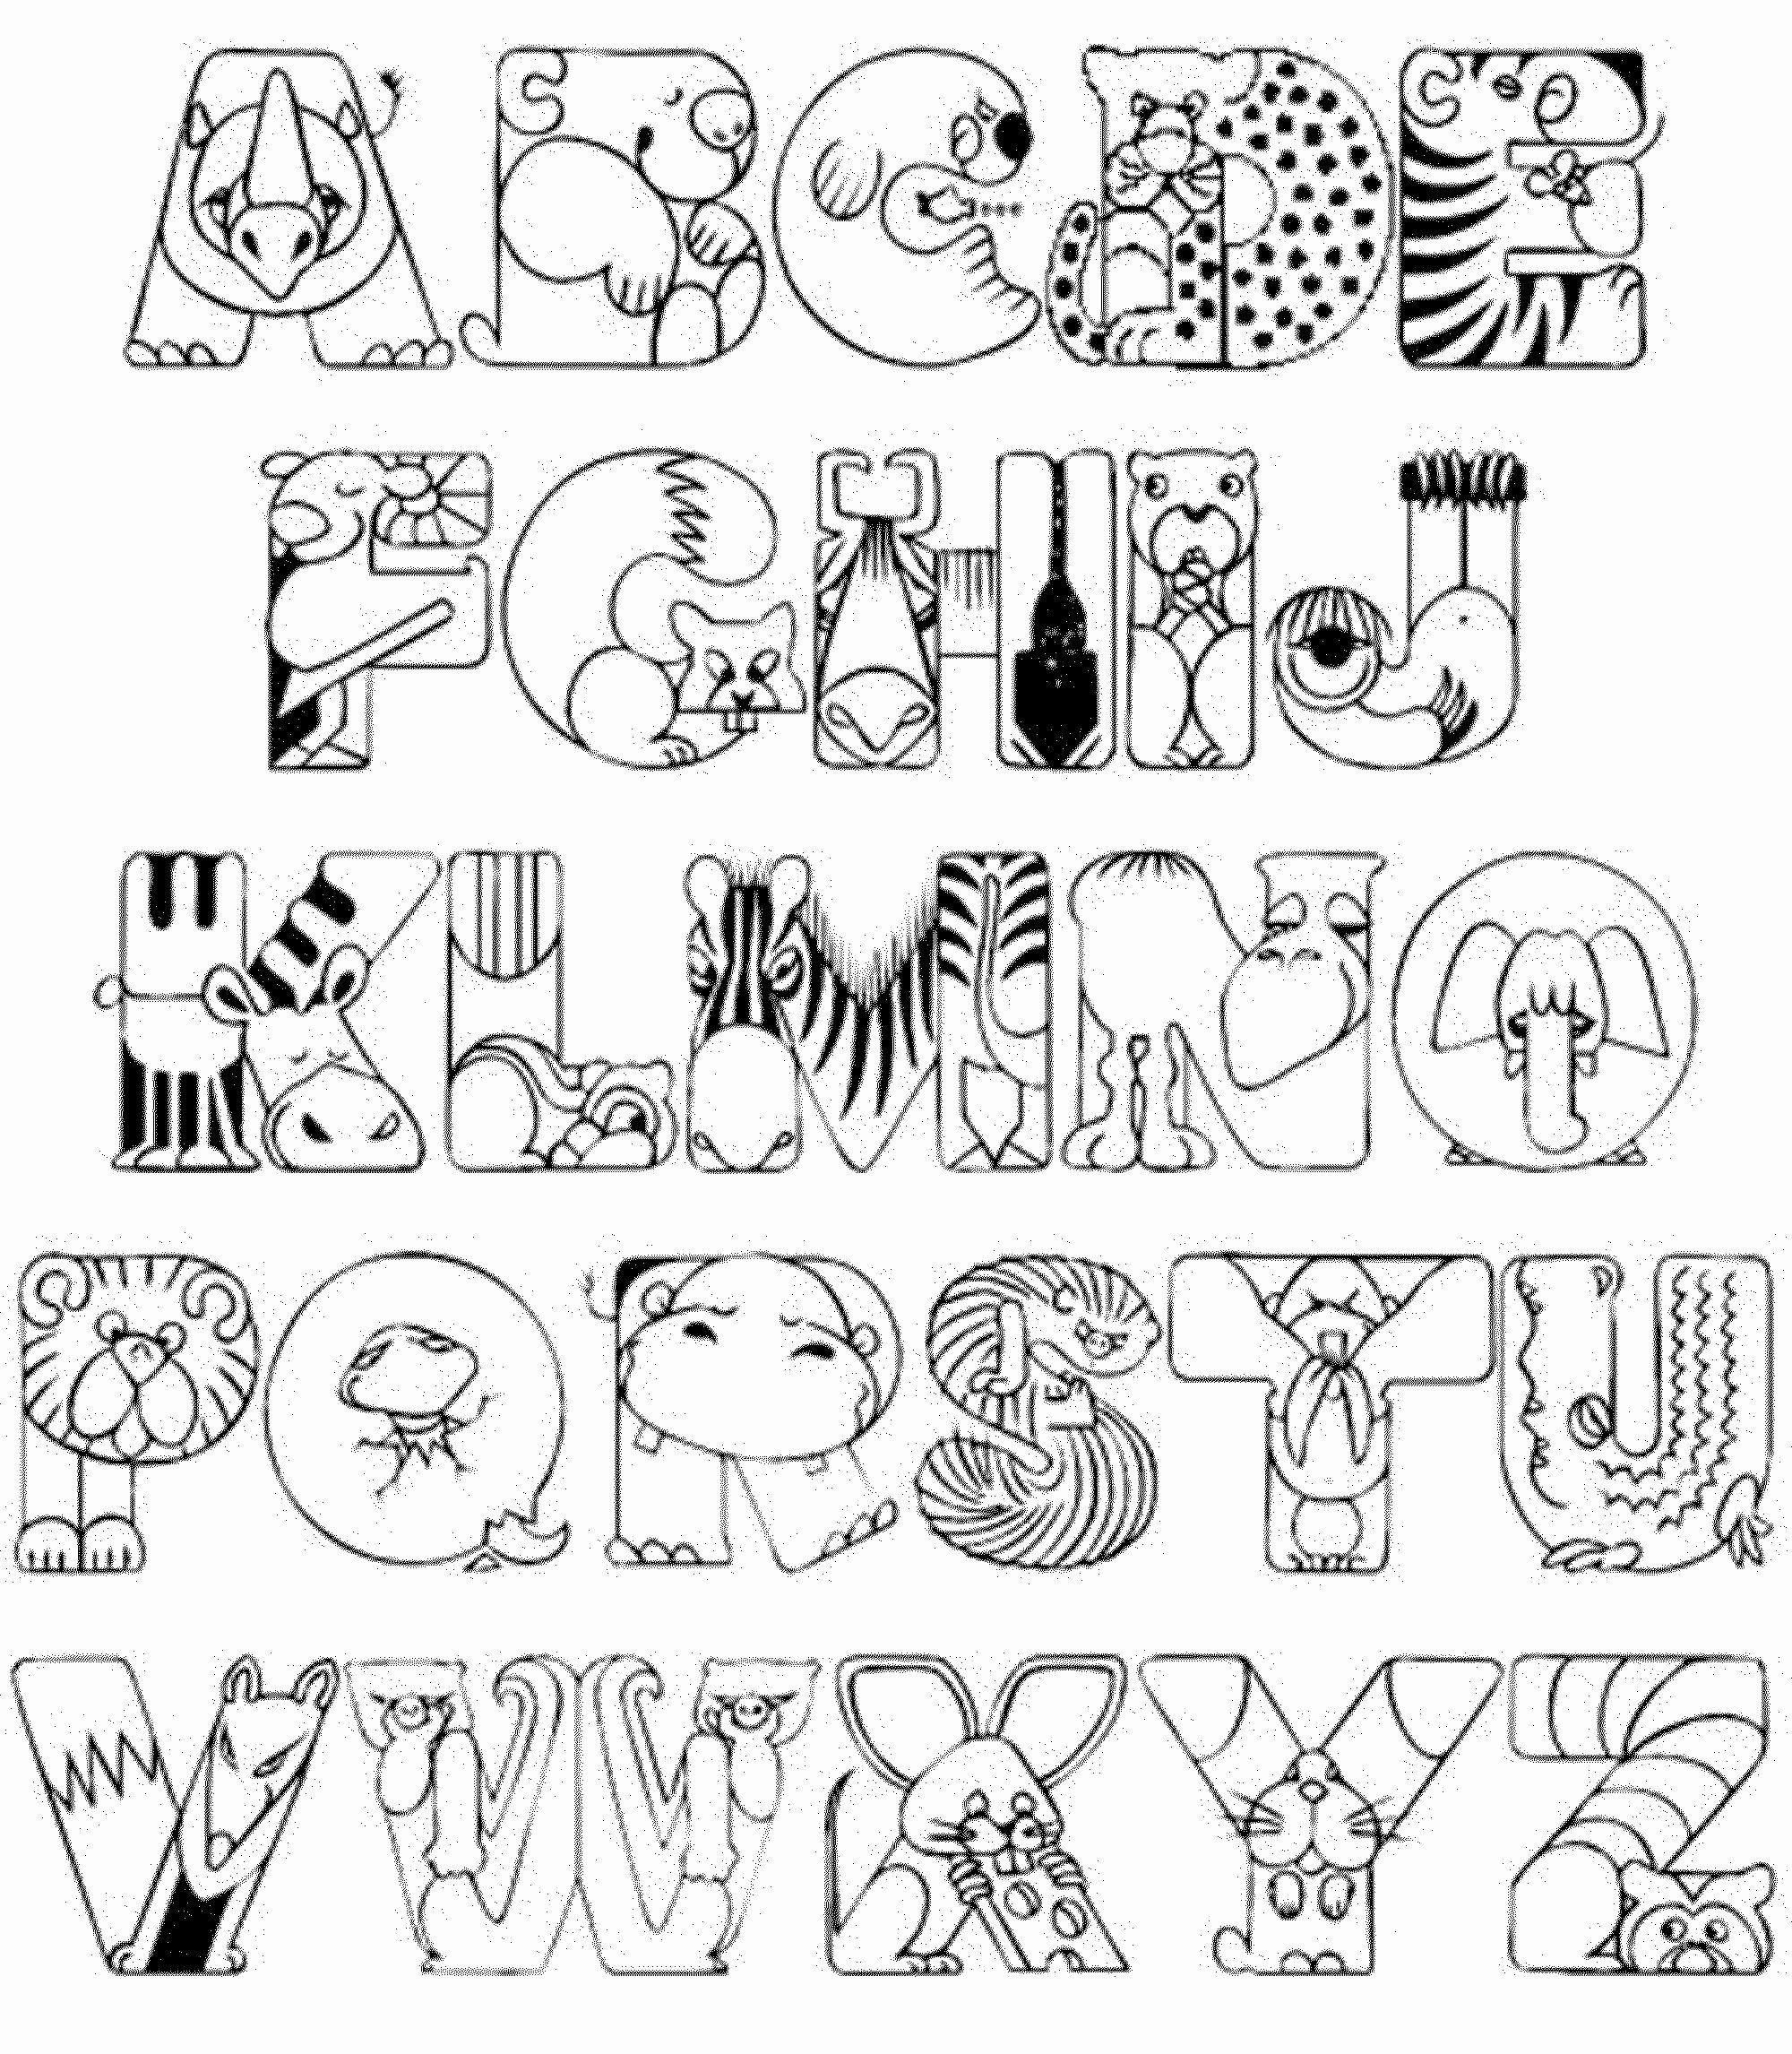 Coloring Activities For Kindergarten Pdf Coloring Pages Gallery In 2020 Kindergarten Coloring Pages Abc Coloring Pages Abc Coloring